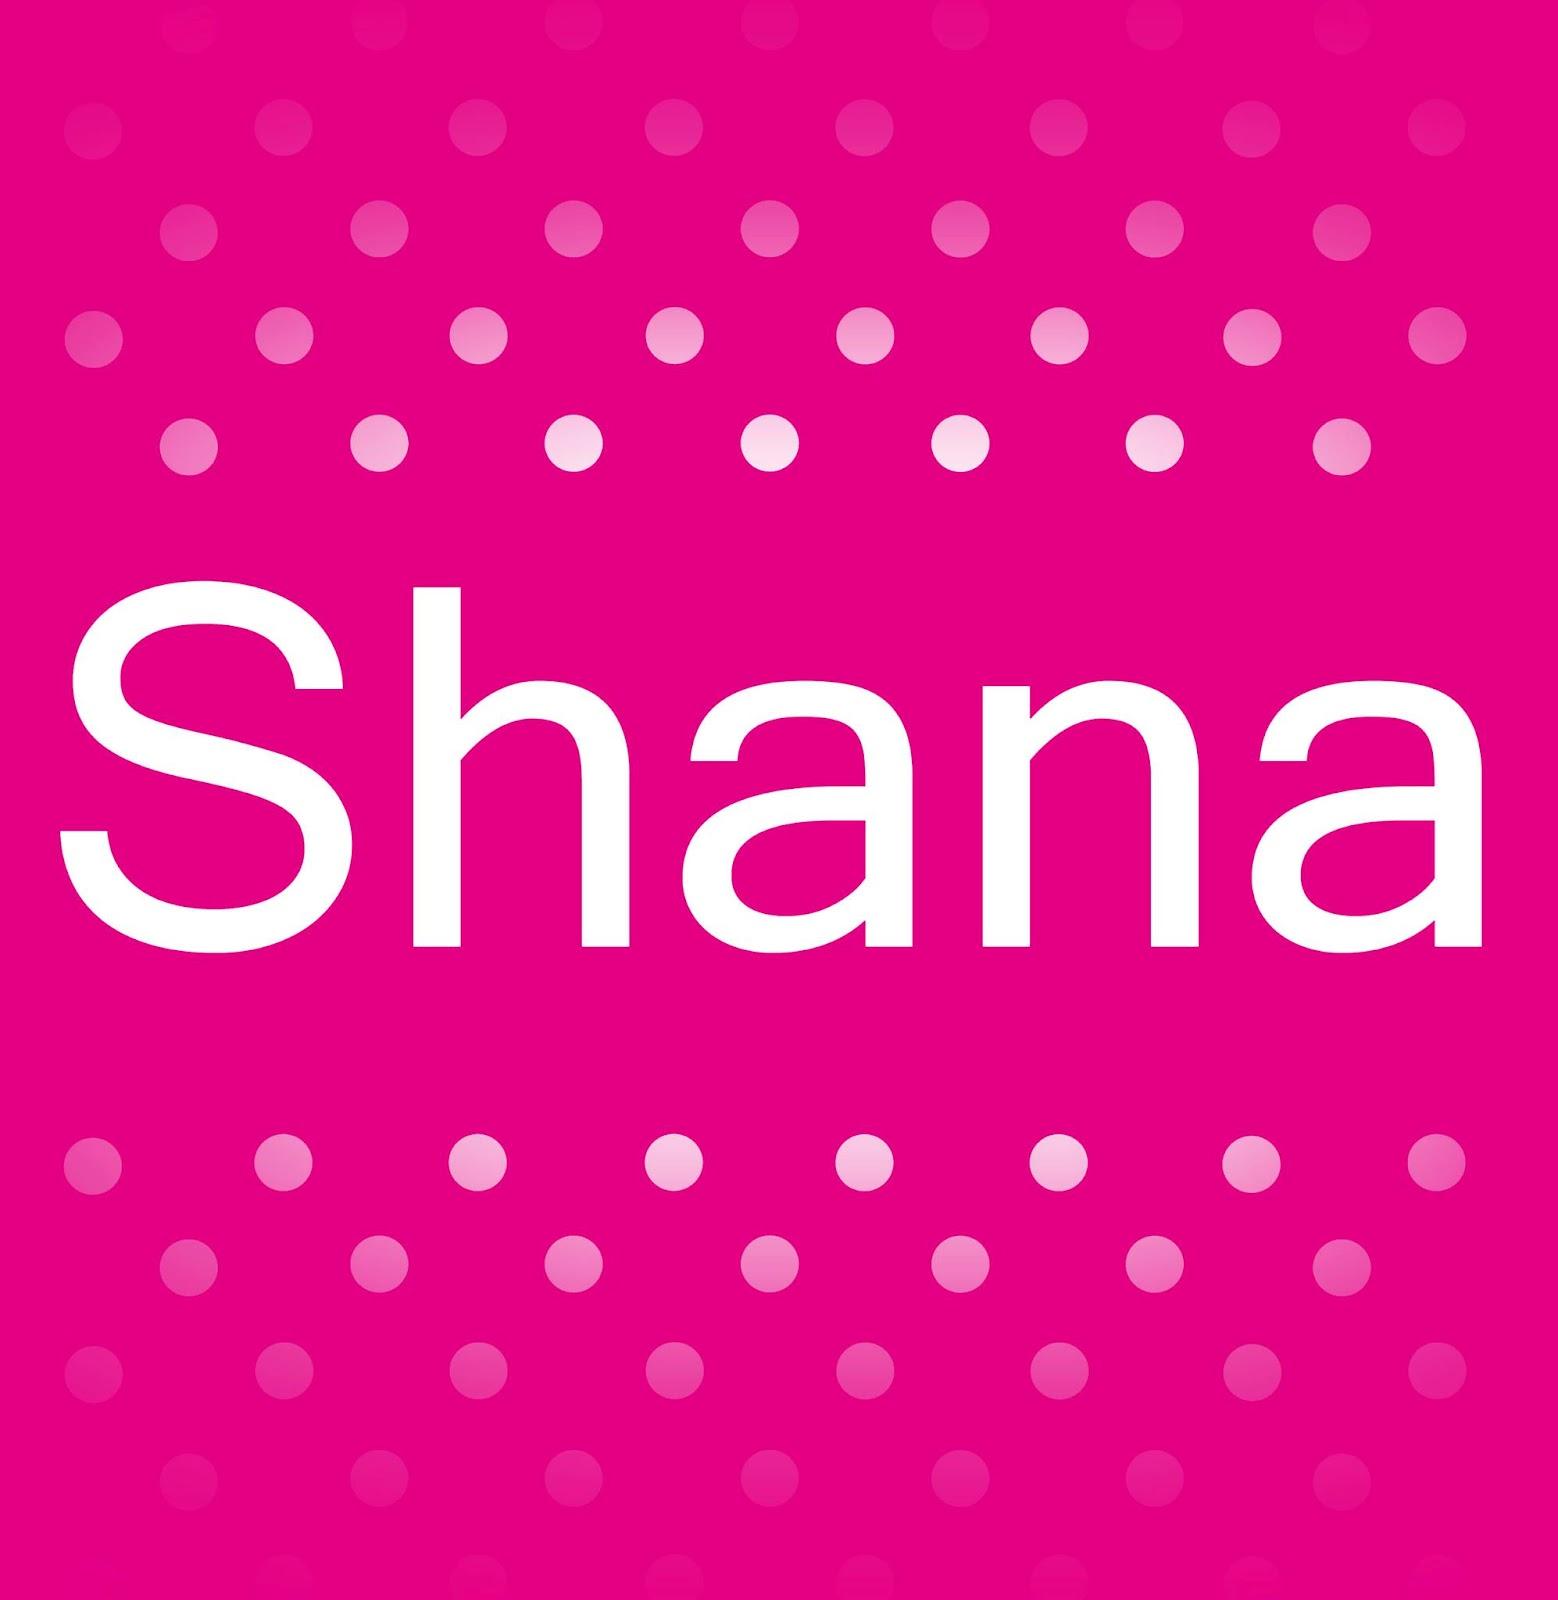 Shana franquicia logo